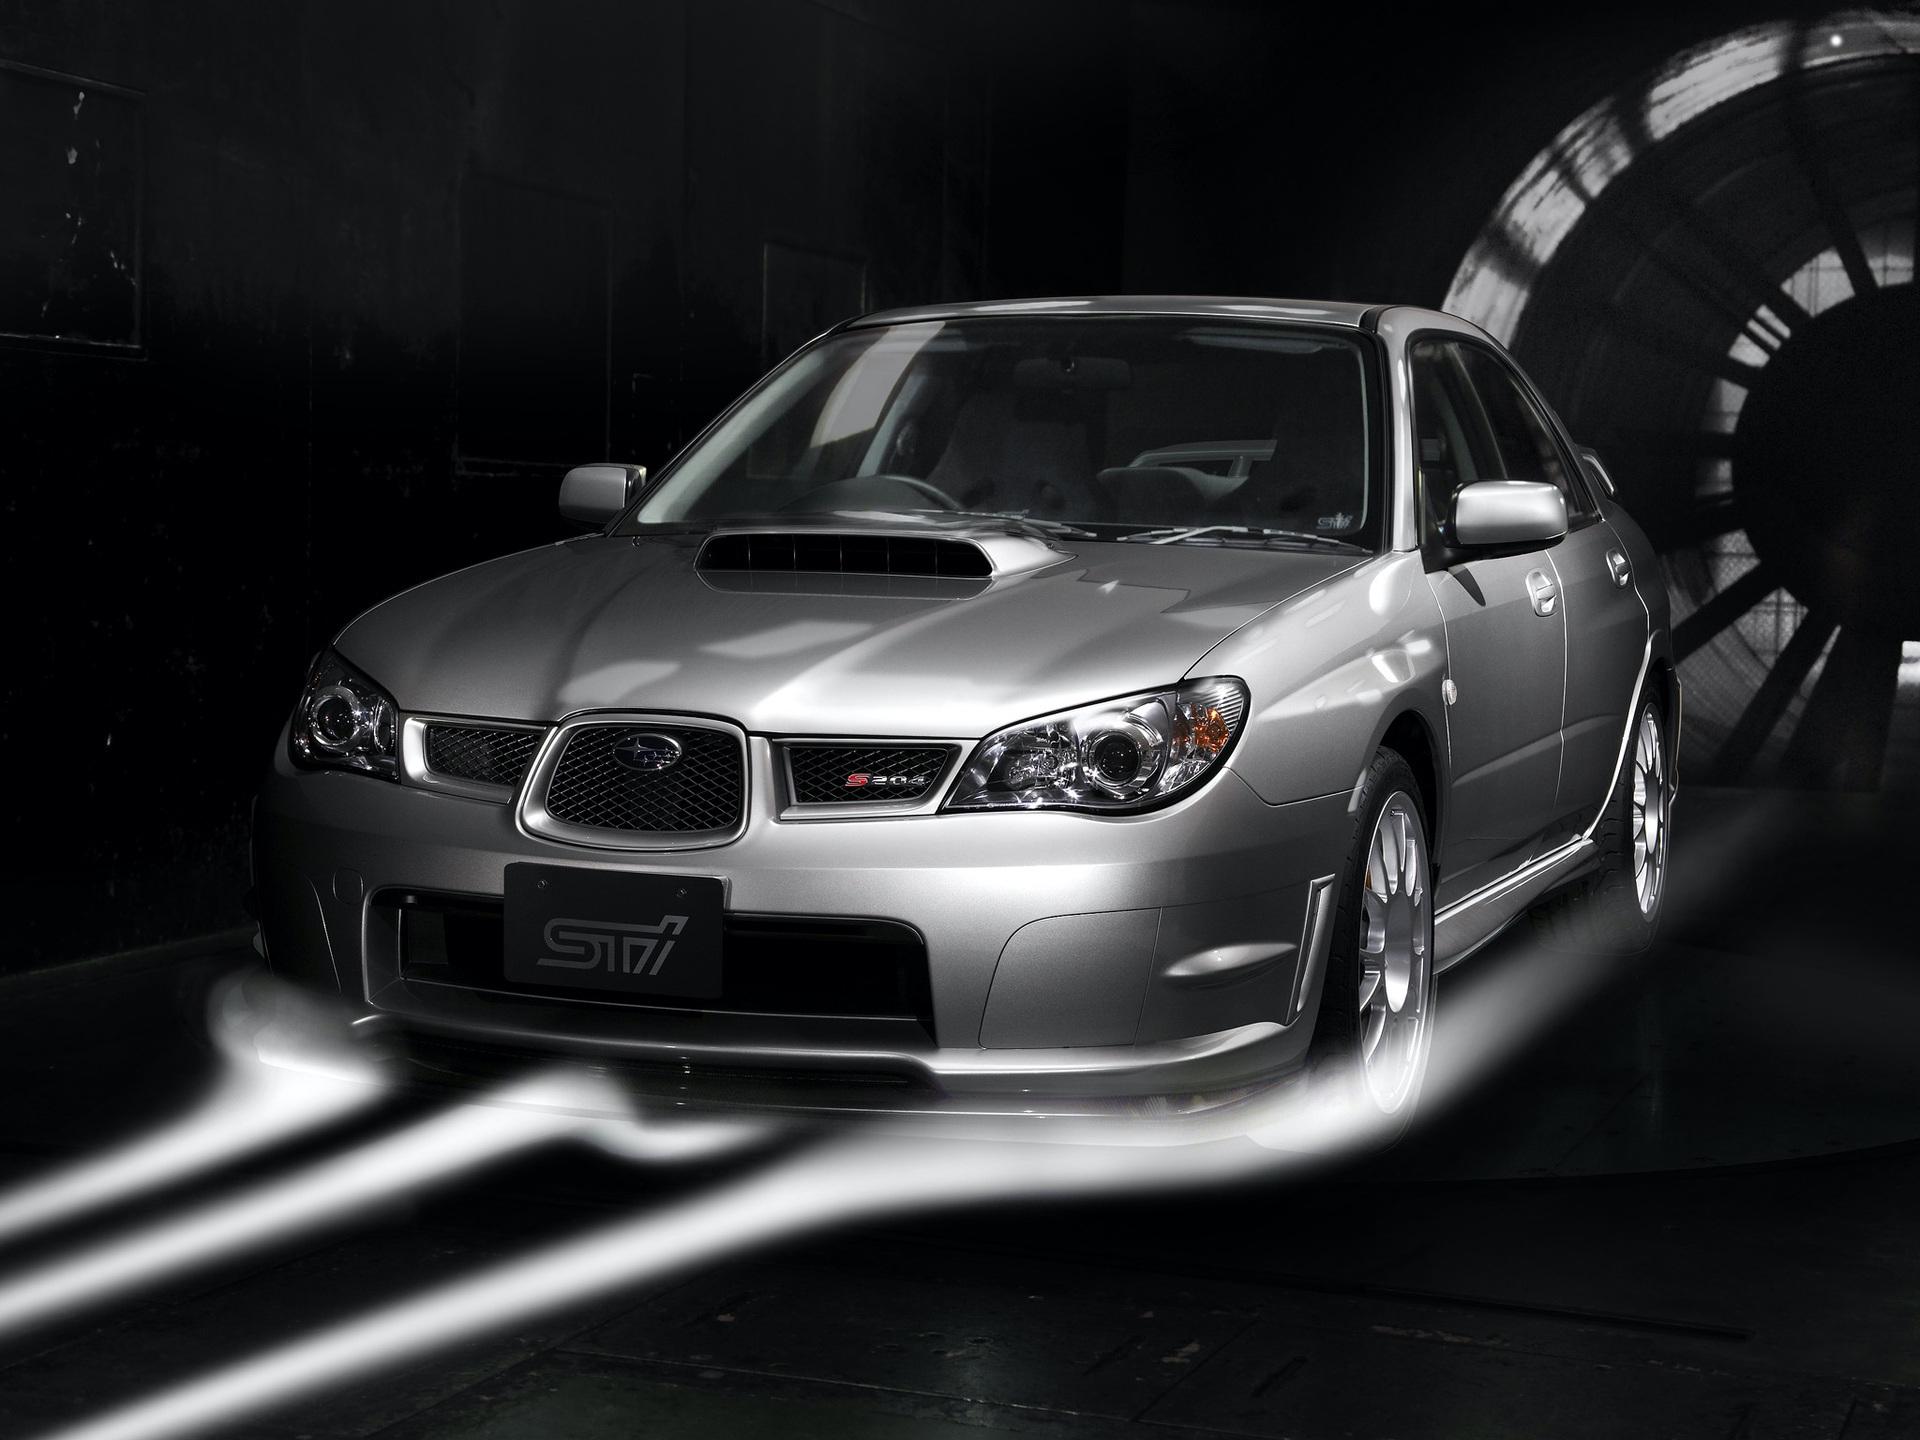 Subaru_Impreza_STI_S204_0005